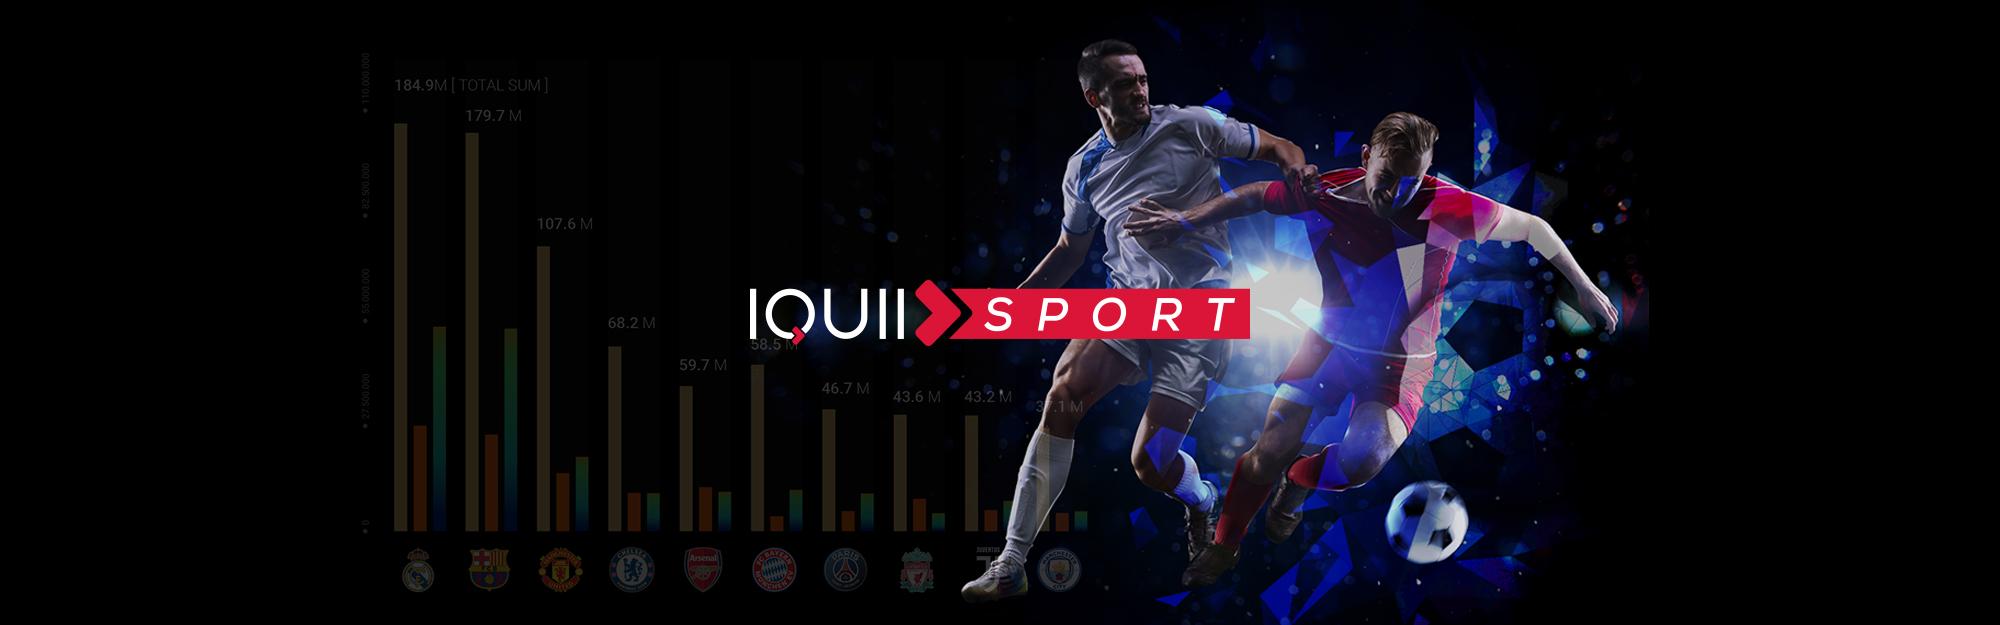 """Disponibile """"European Football Club"""", il report di IQUII sul calcio europeo con dati esclusivi su 5 nazioni"""